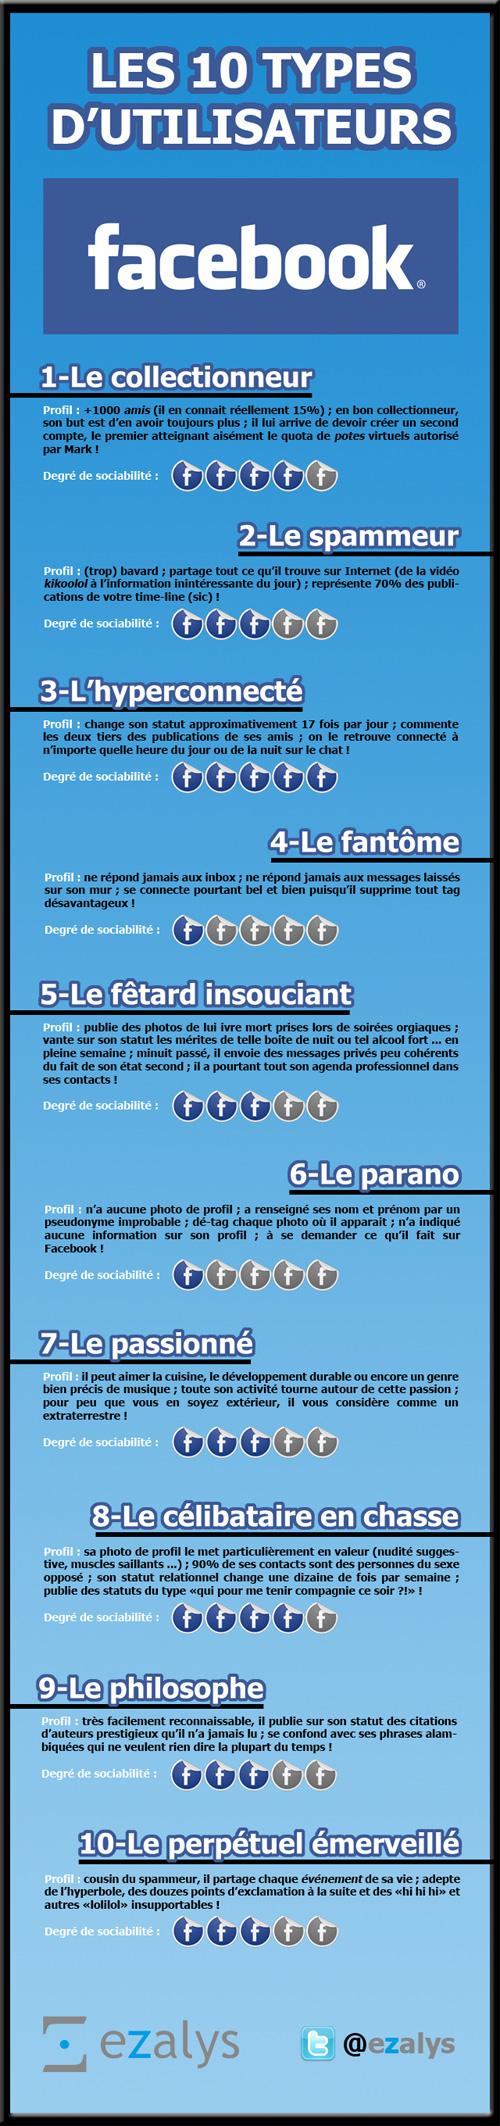 Les 10 profils d'utilisateurs Facebook